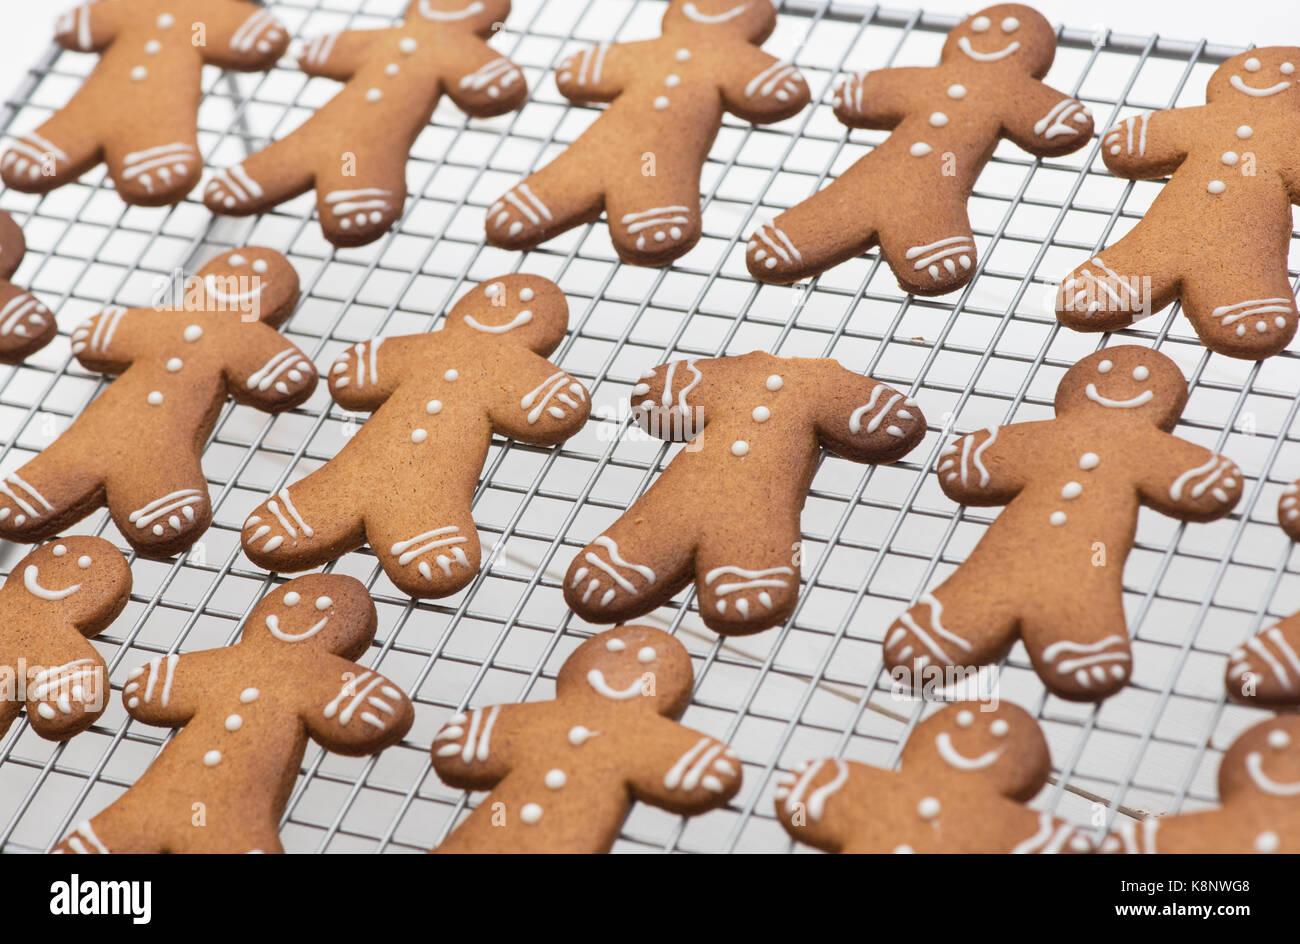 Hombres de pan de jengibre las galletas sobre una rejilla metálica. Uno donde la cabeza se ha comido Imagen De Stock